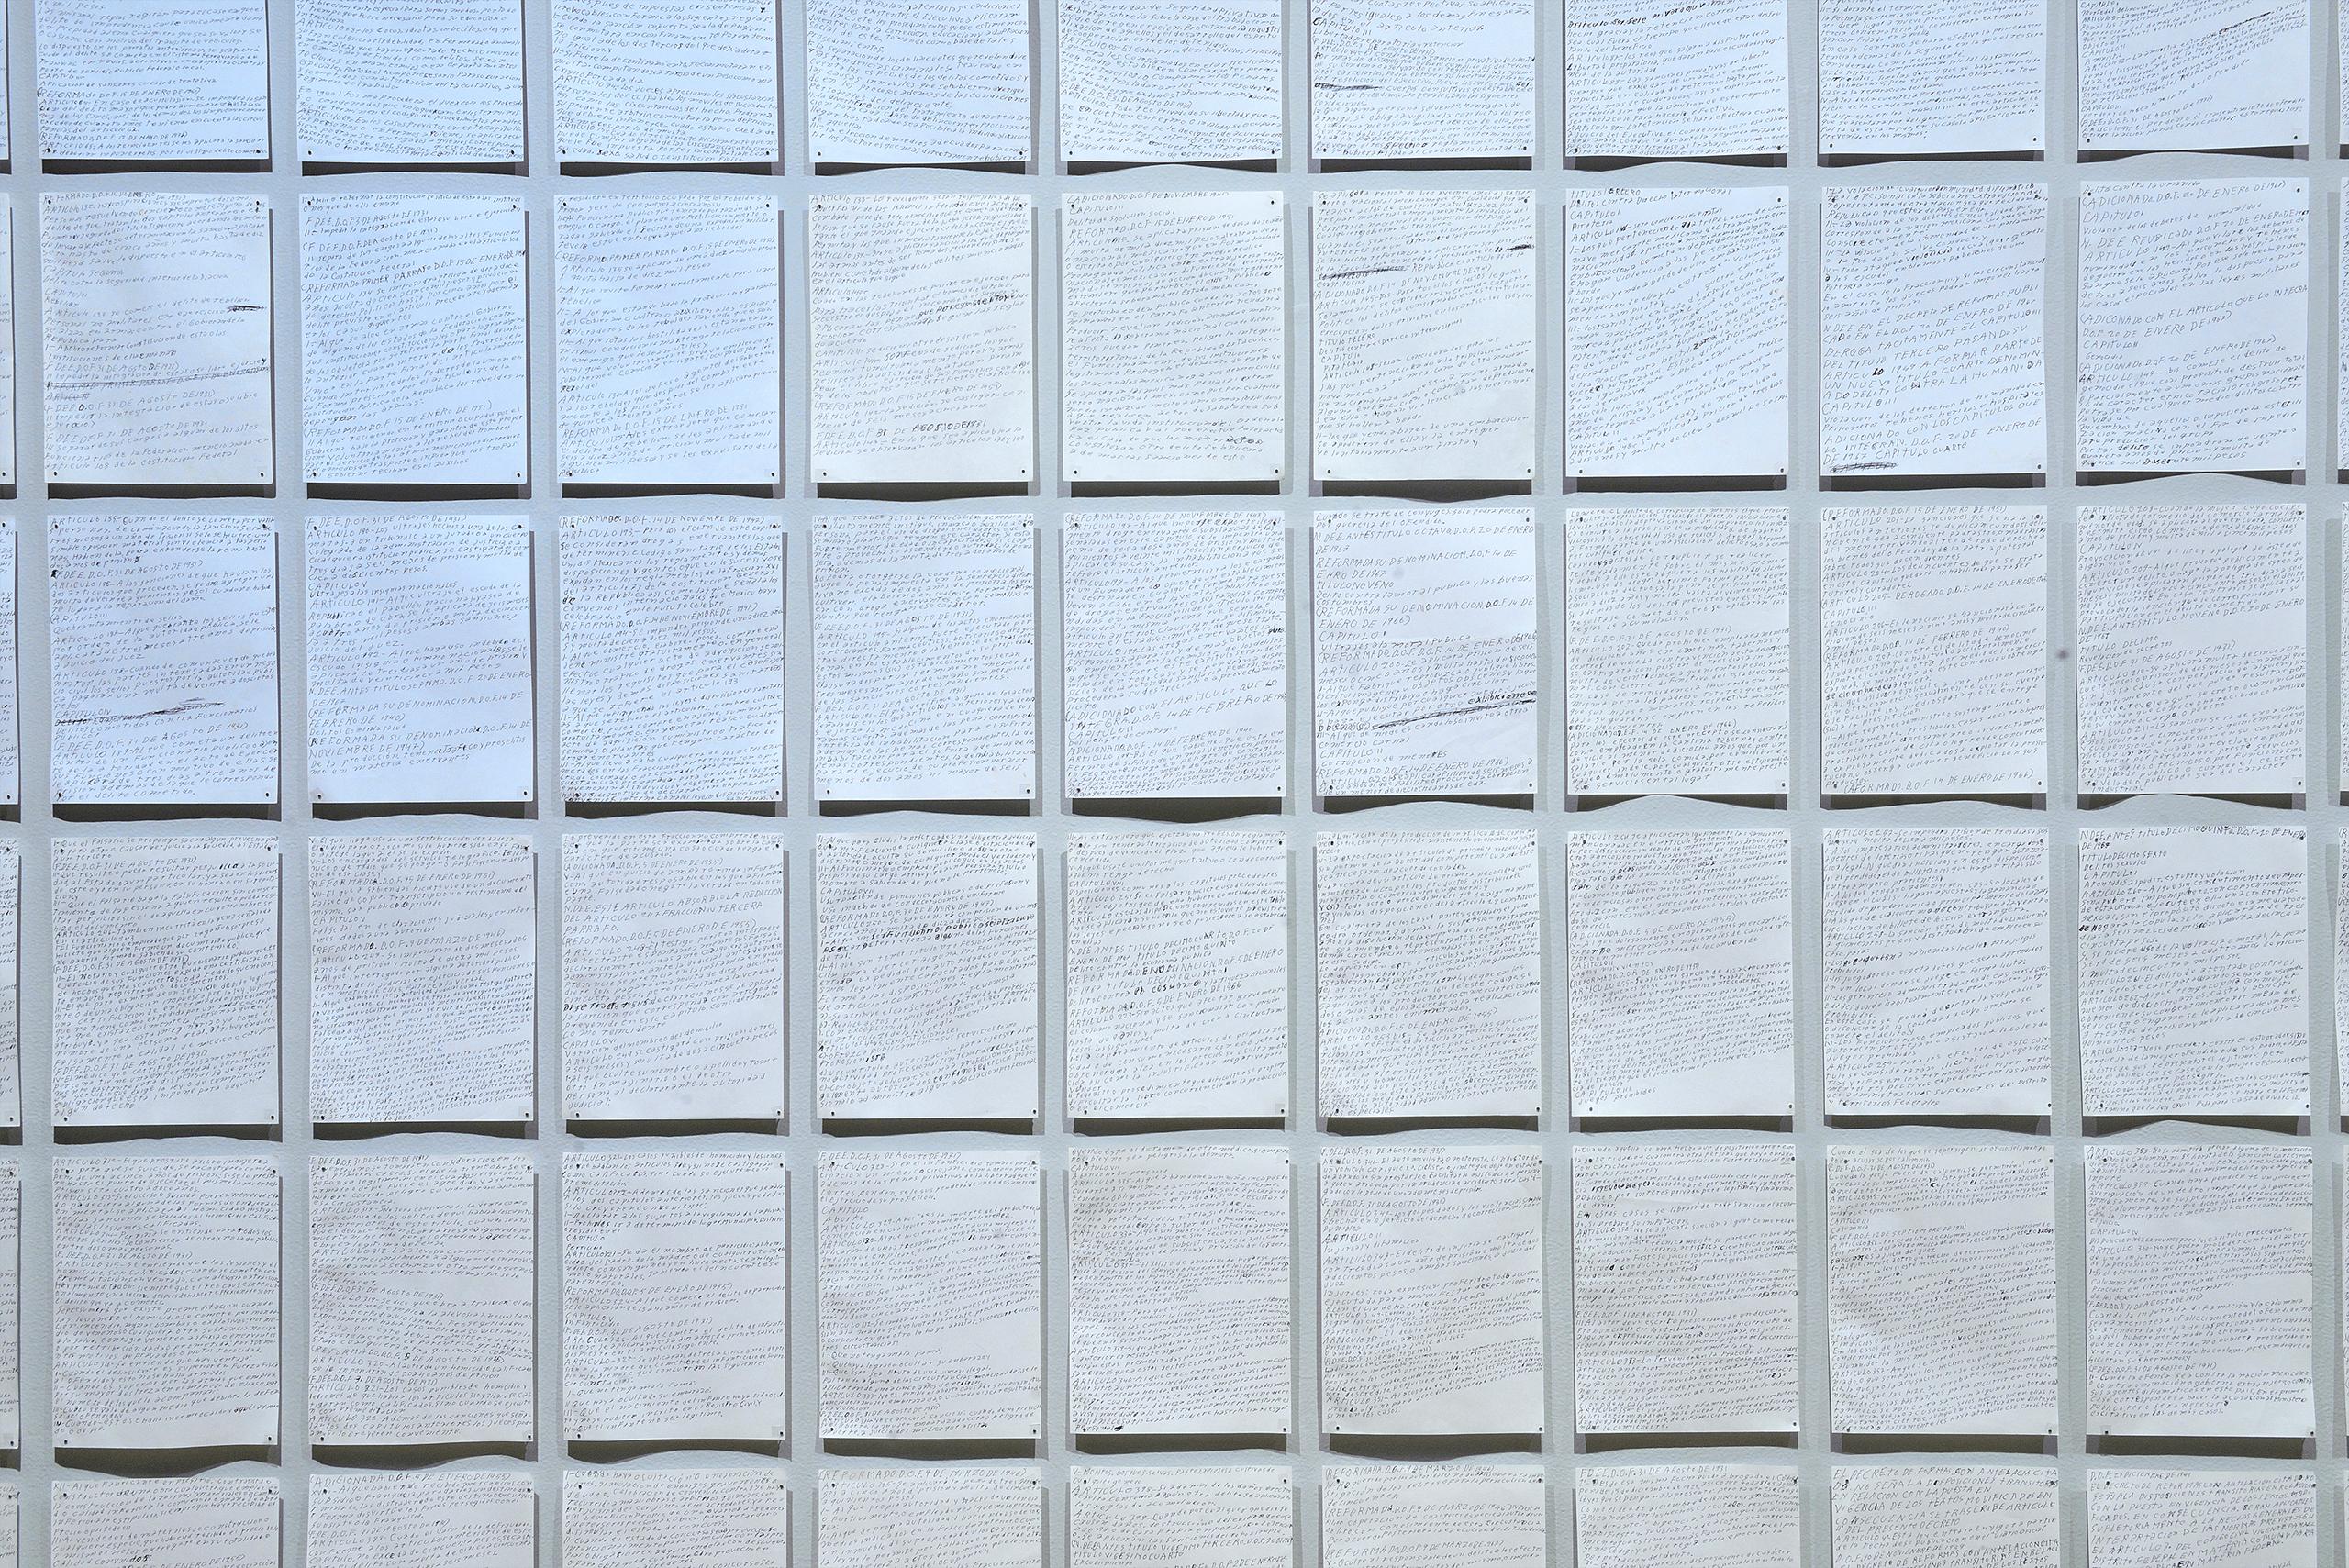 Transcripción a mano del Código Penal del Distrito Federal del año 1967 | Tercerunquinto. Obra inconclusa | Museo Amparo, Puebla